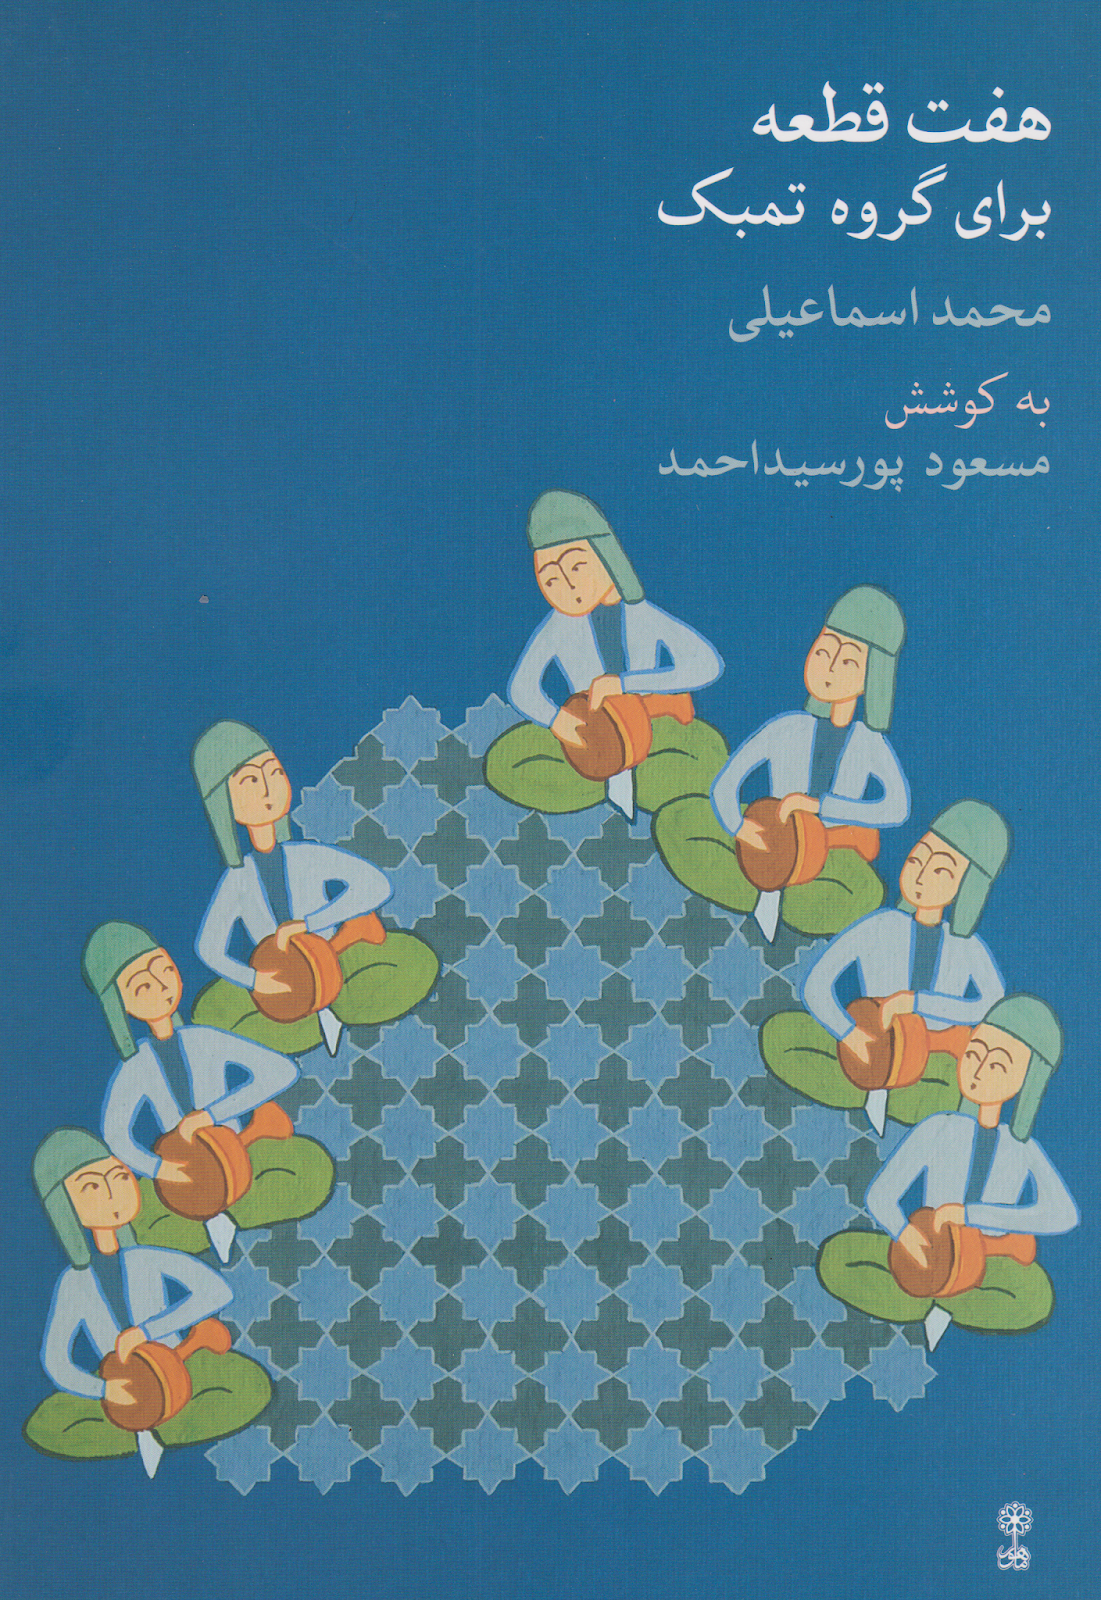 کتاب هفت قطعه برای گروه تنبک محمد اسماعیلی انتشارات ماهور